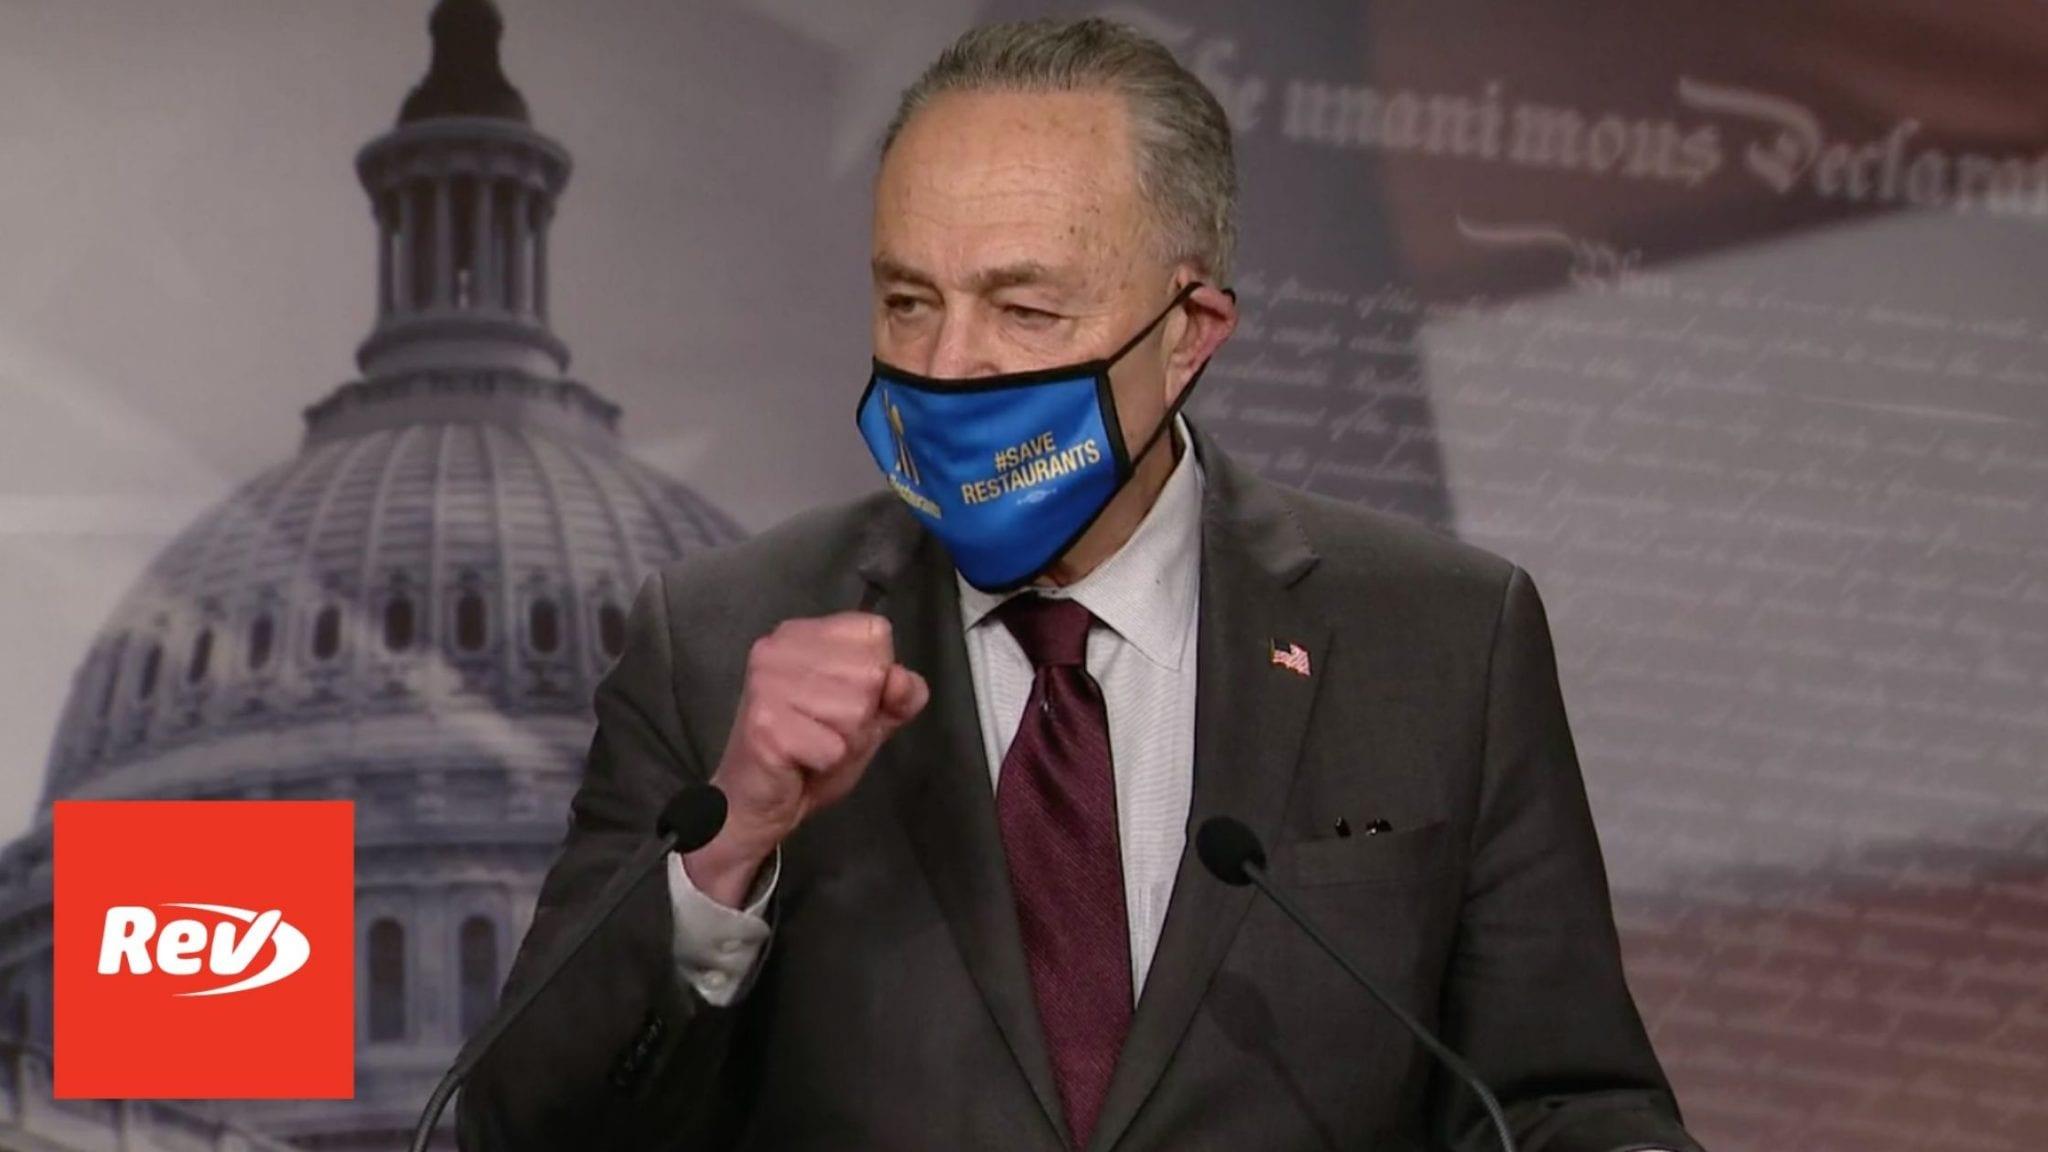 Senate Majority Leader Chuck Schumer Press Conference Transcript February 23